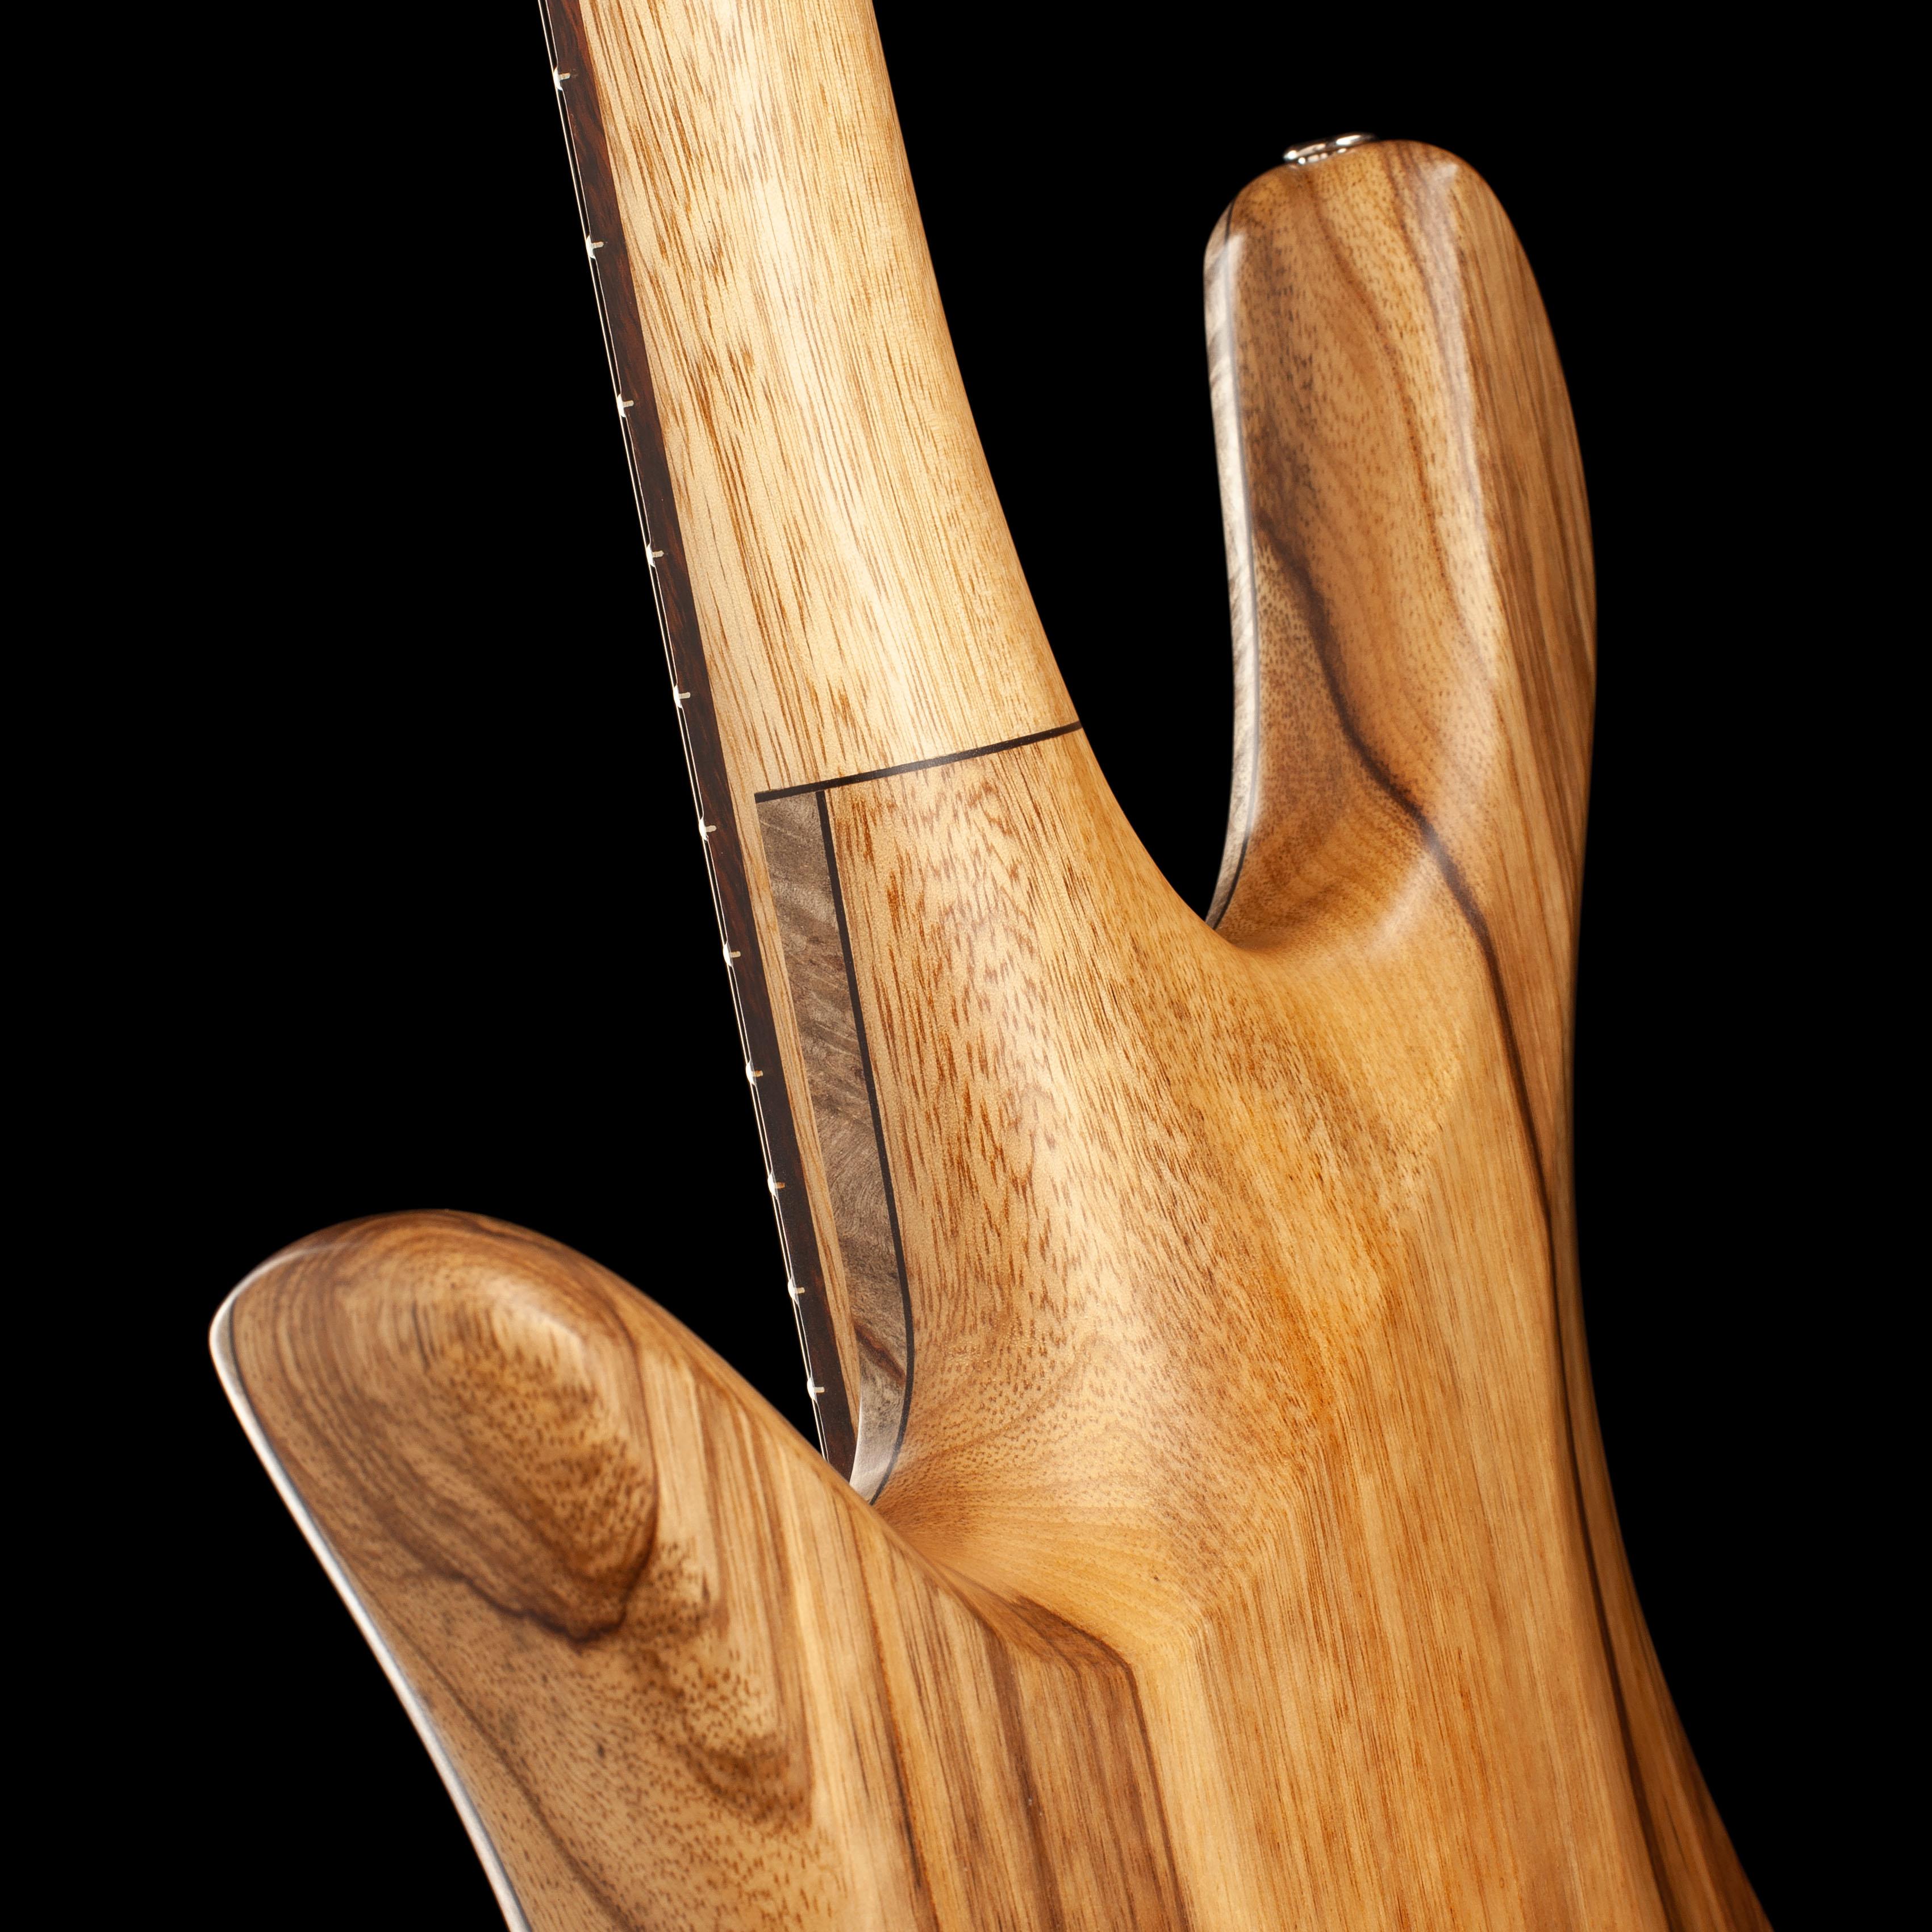 Bass Guitar Cutaway Closeup